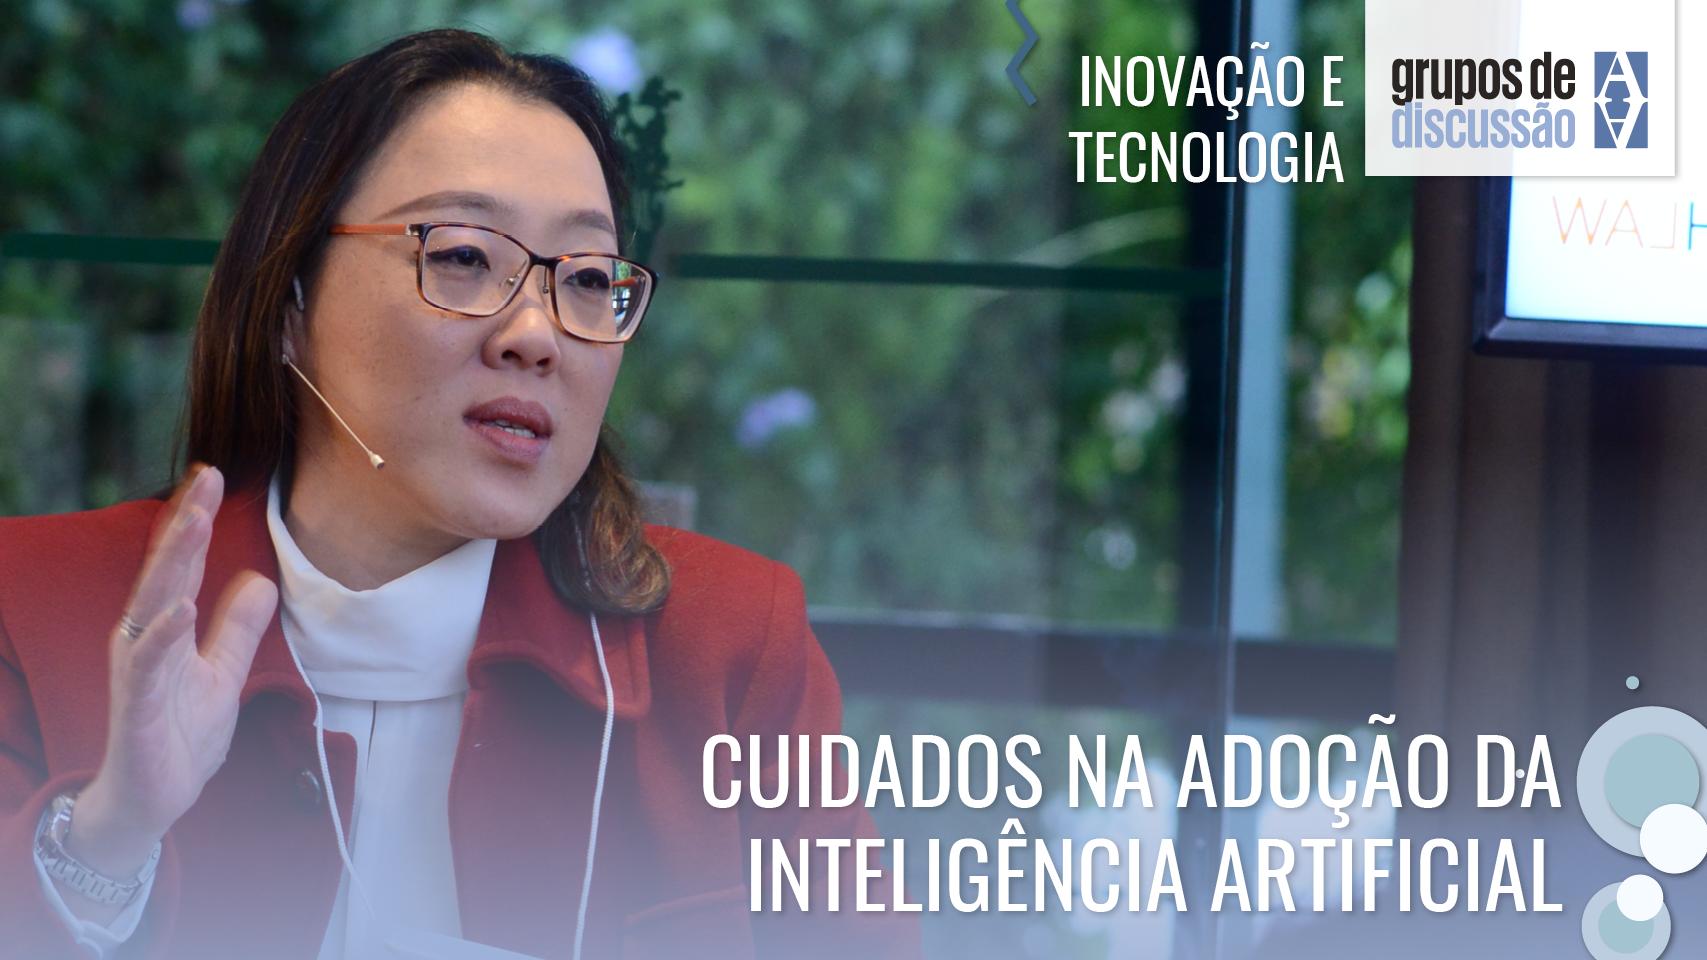 Cuidados na adoção da inteligência artificial